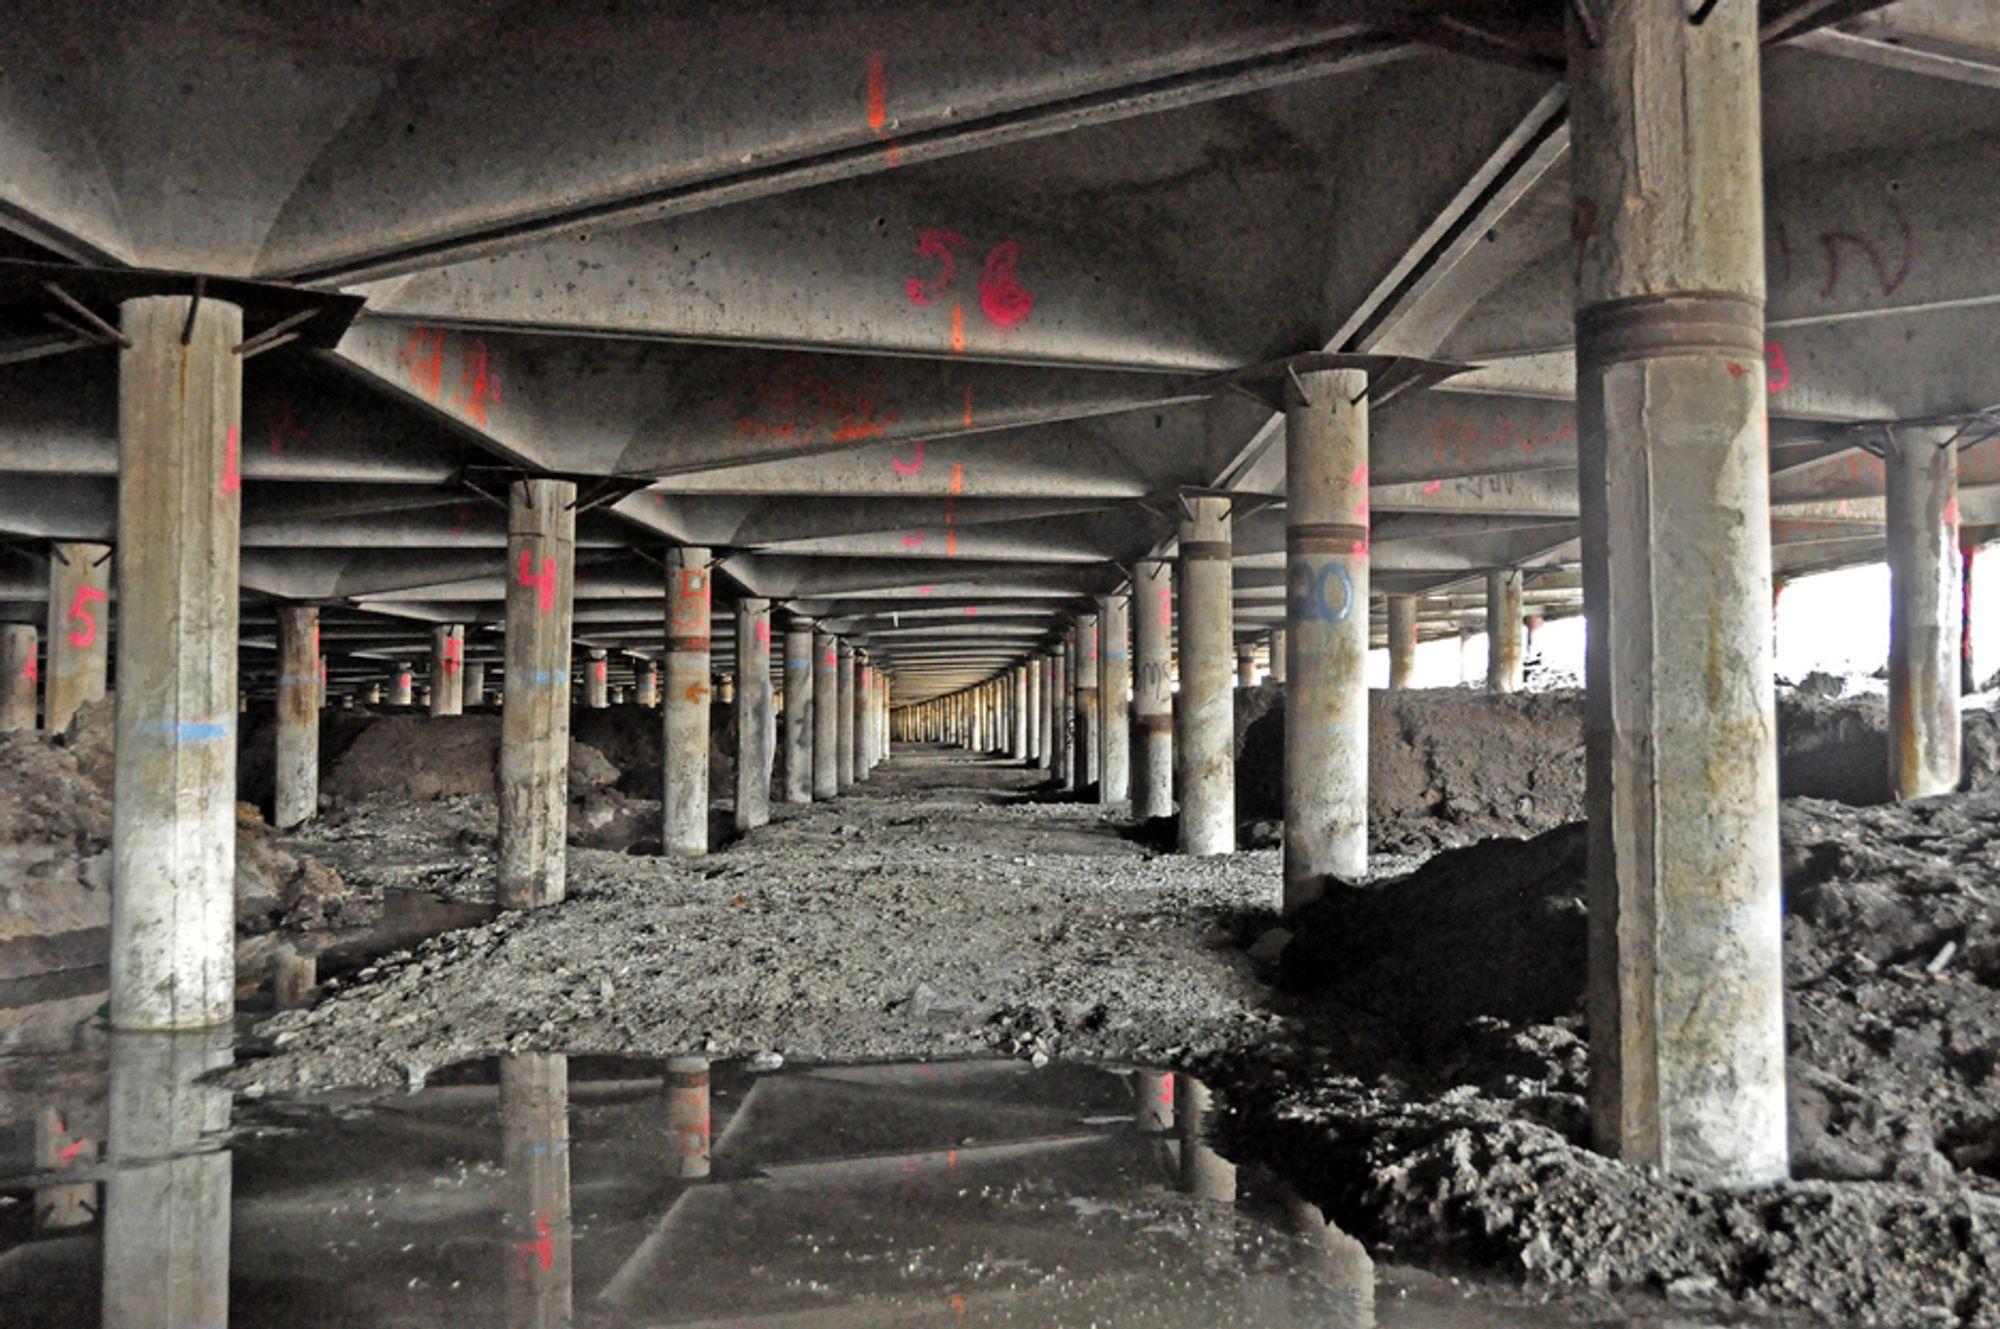 Denne skogen av pæler skal bestå. Det samme skal de trekantete betongelementene mellom dem, men Stubberudmyra bru blir likevel bygd helt om.